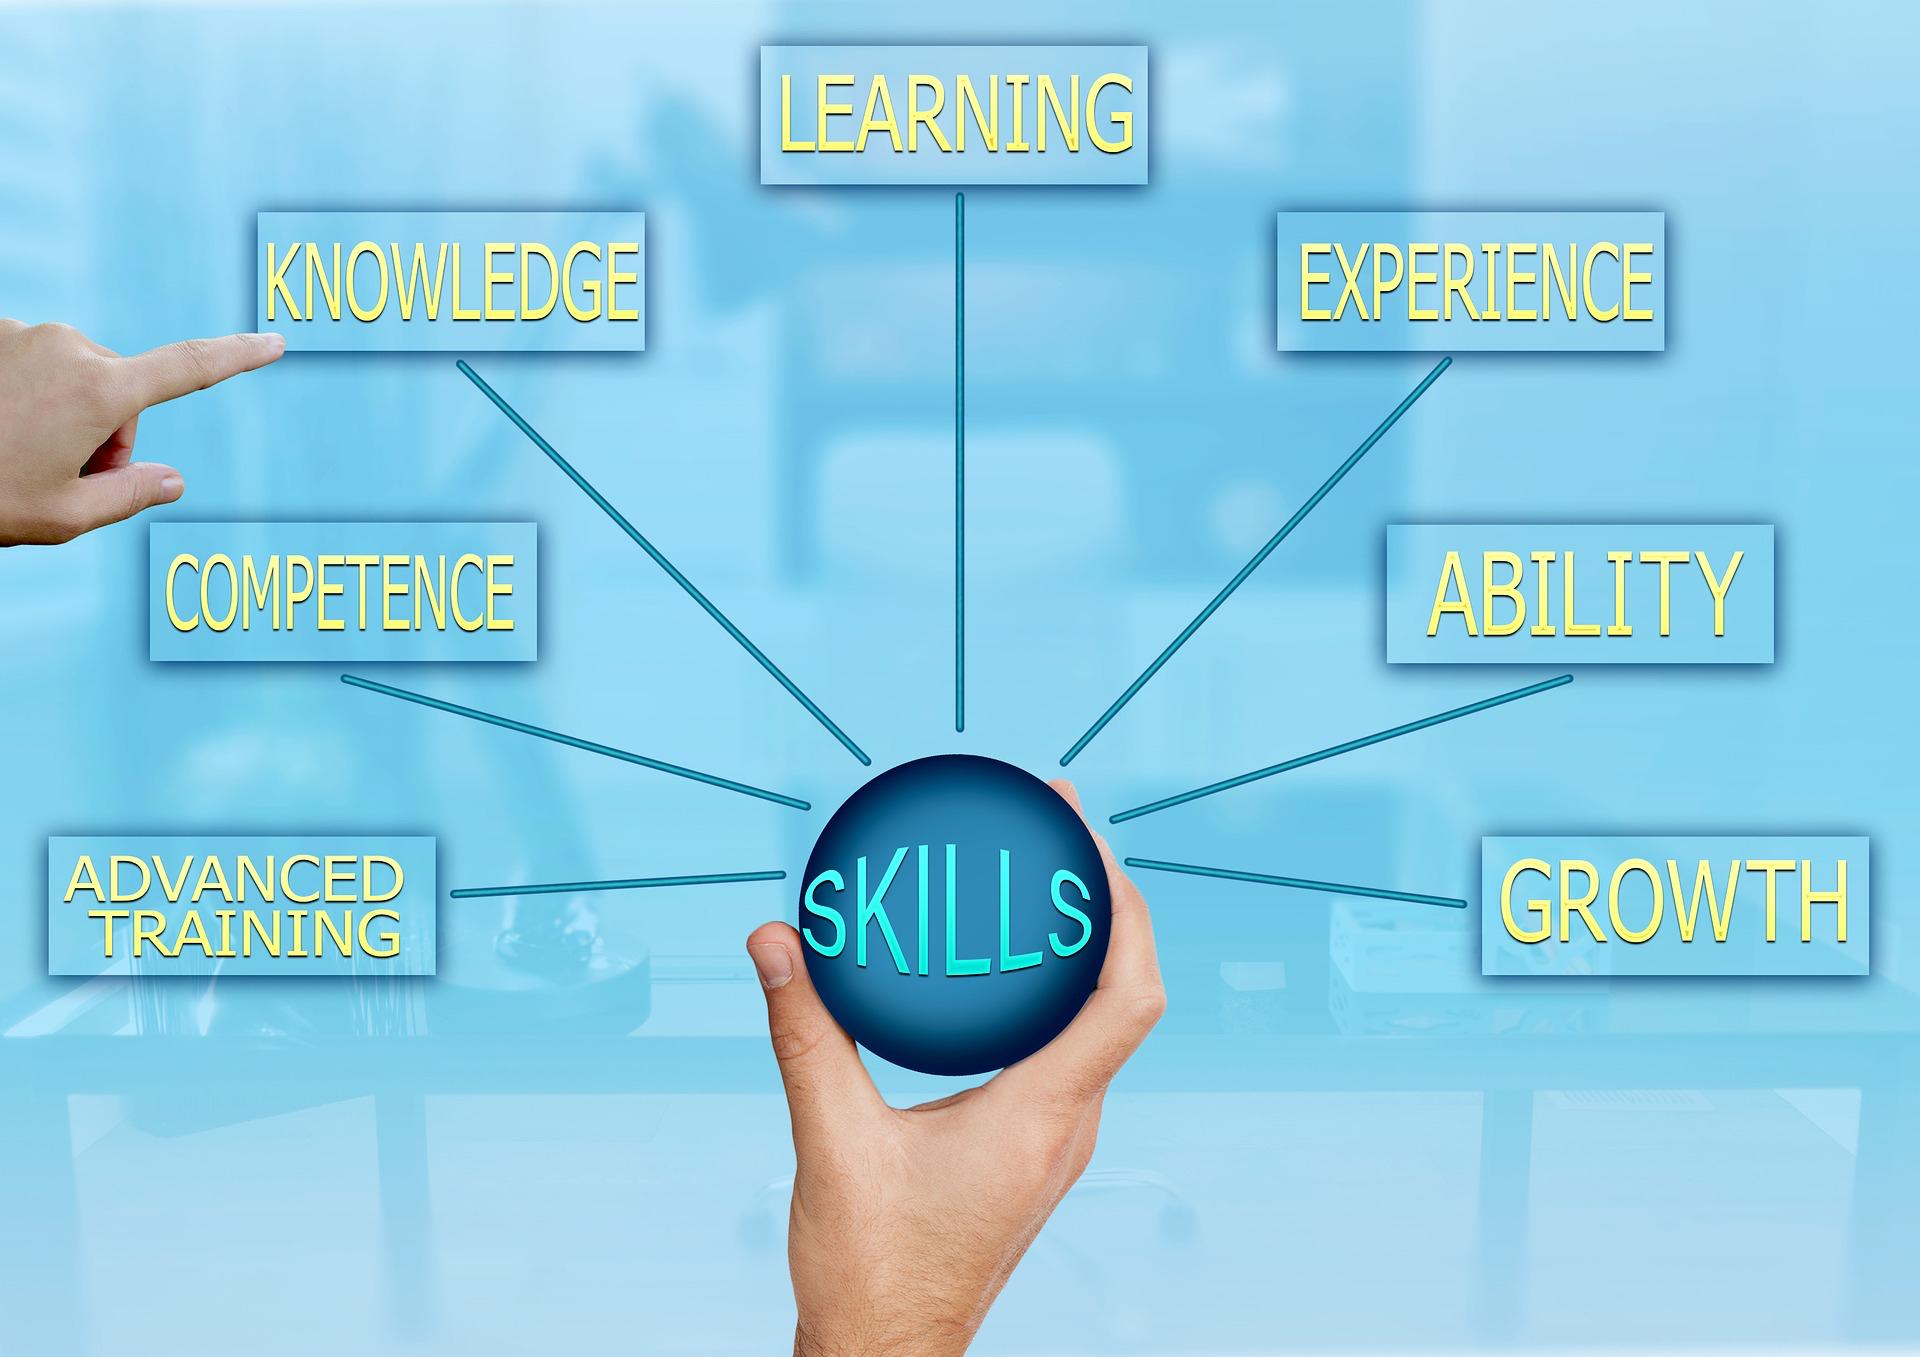 skills-3262172_1920_diwou